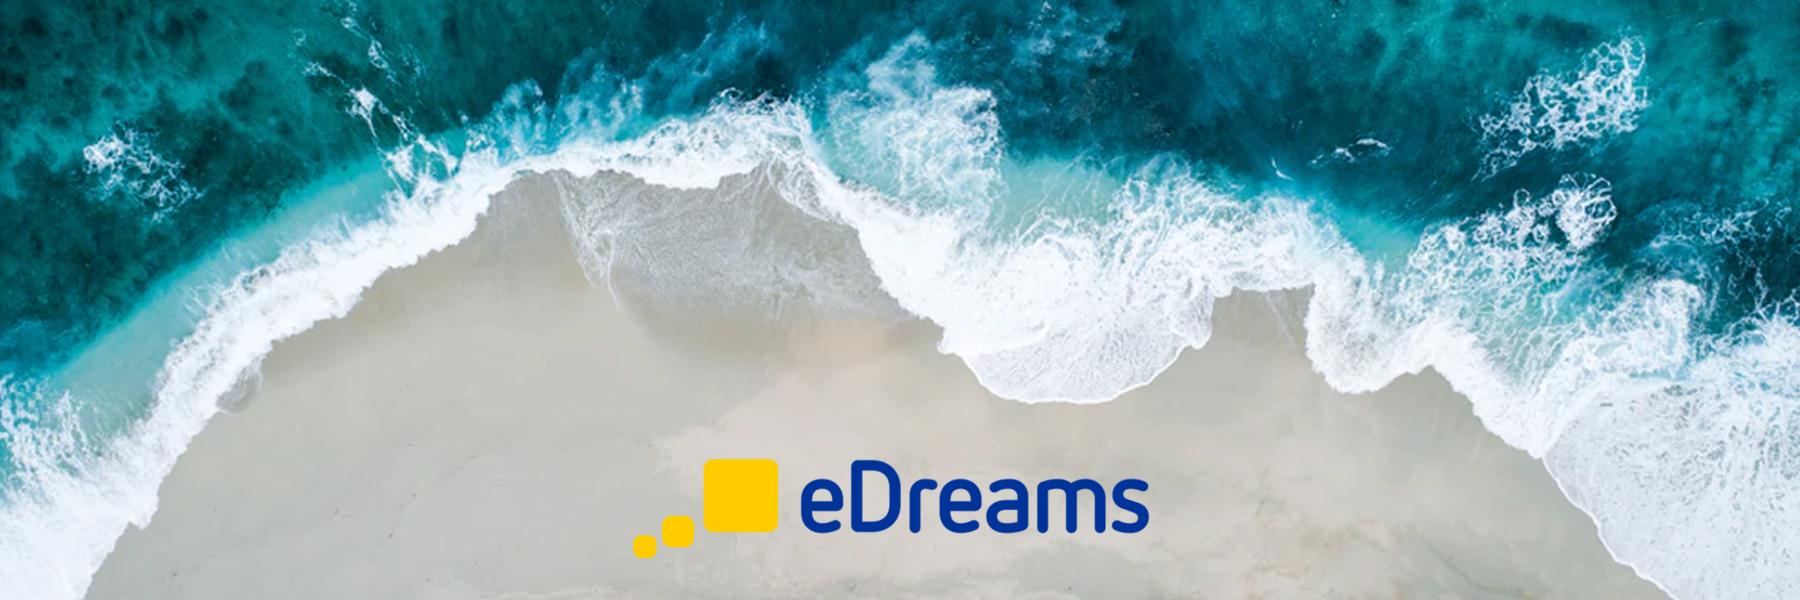 Hasta 80€ de descuento en eDreams